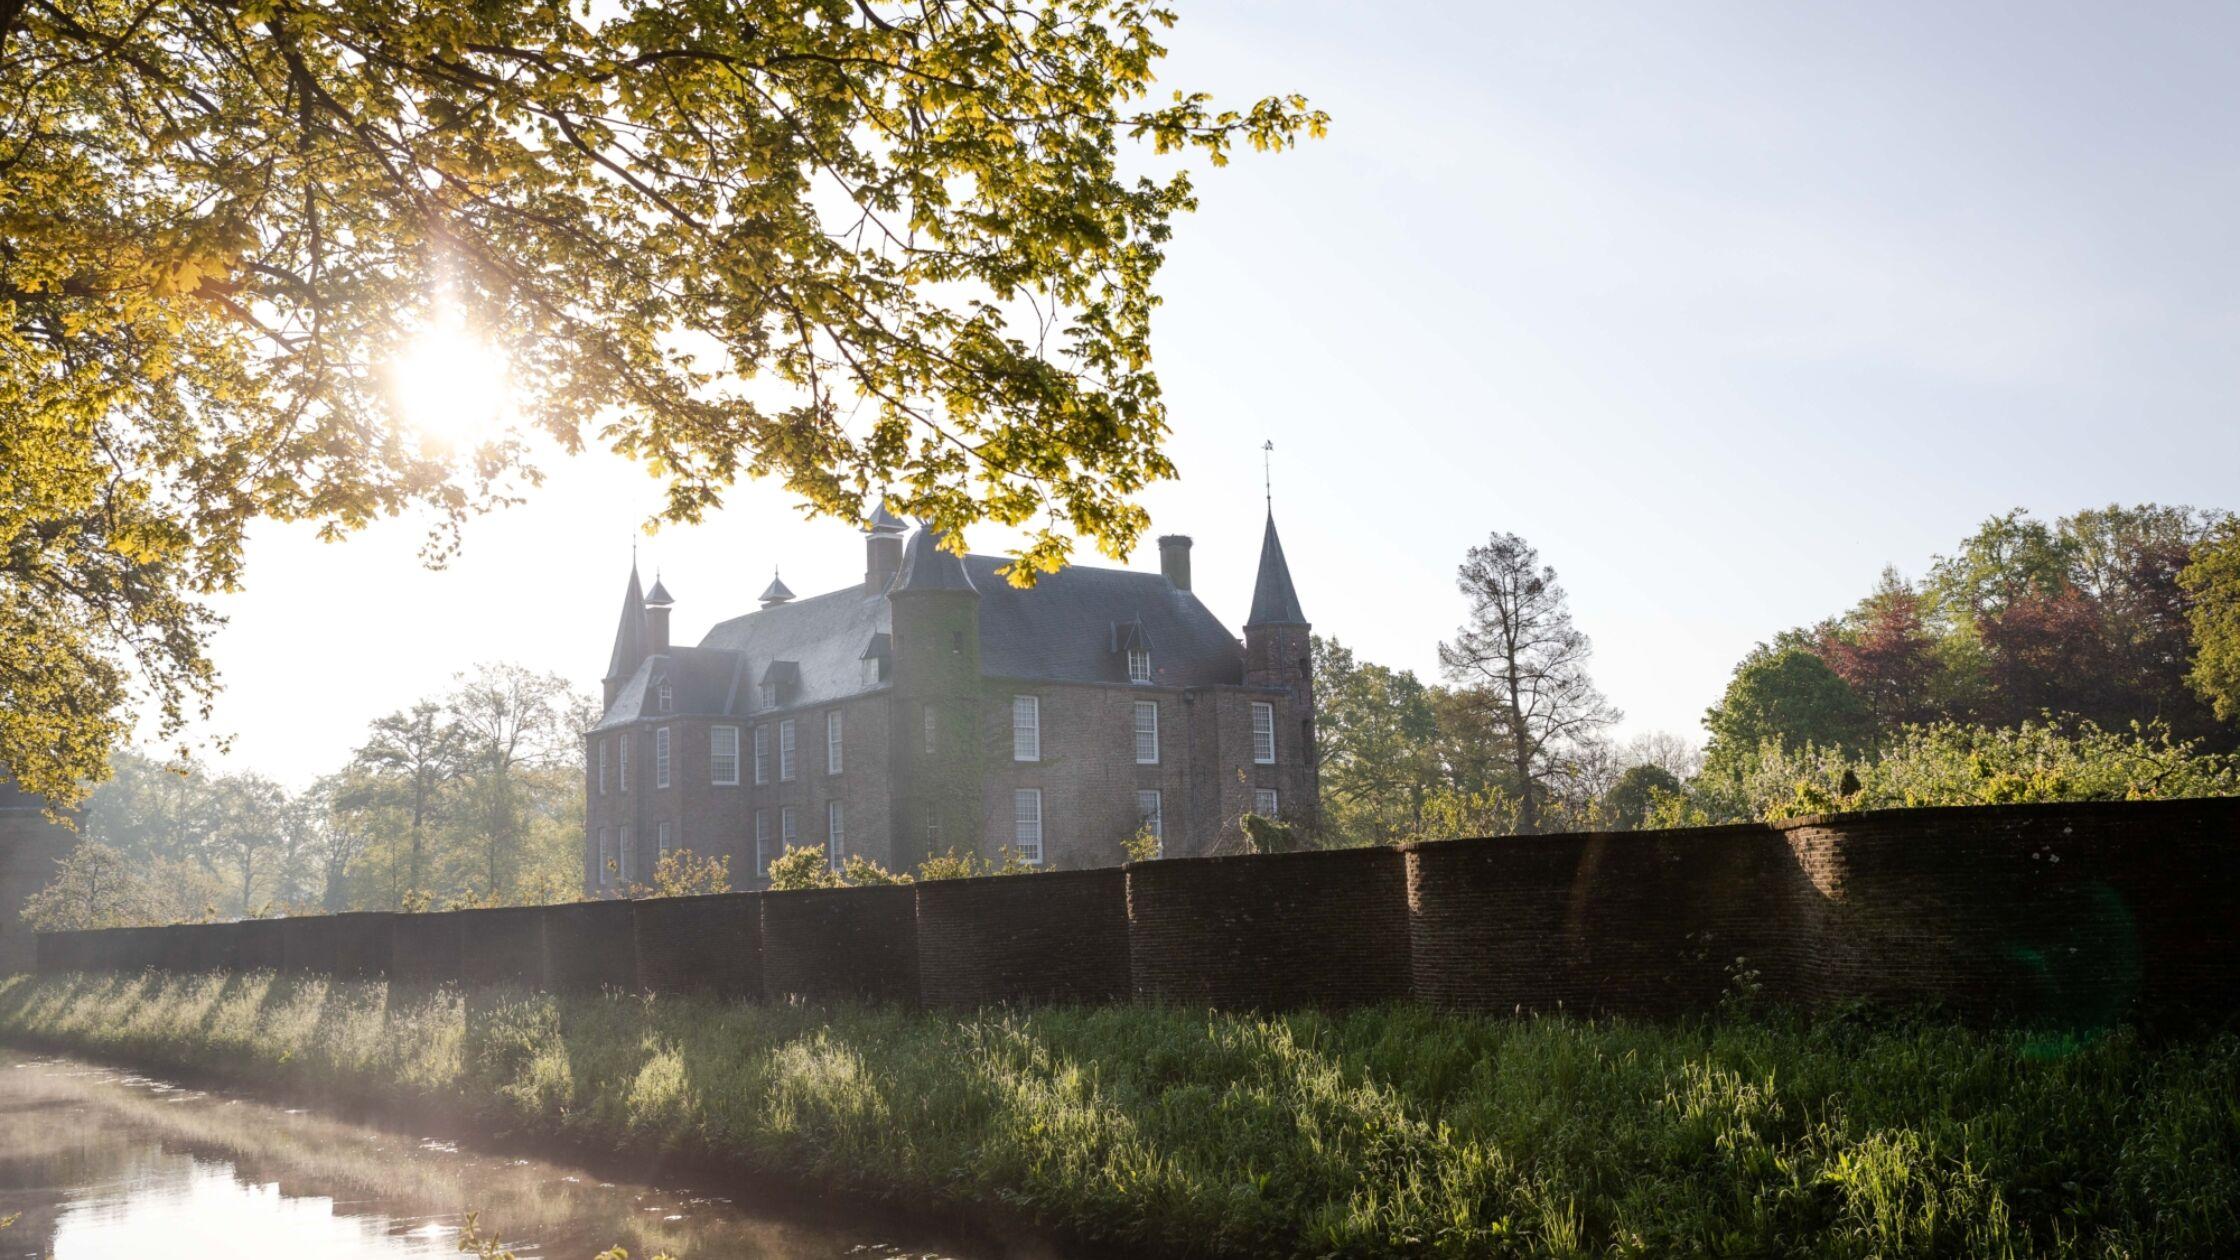 Ontdek eeuwenoude bouwwerken langs de waterlinieroute in Utrecht